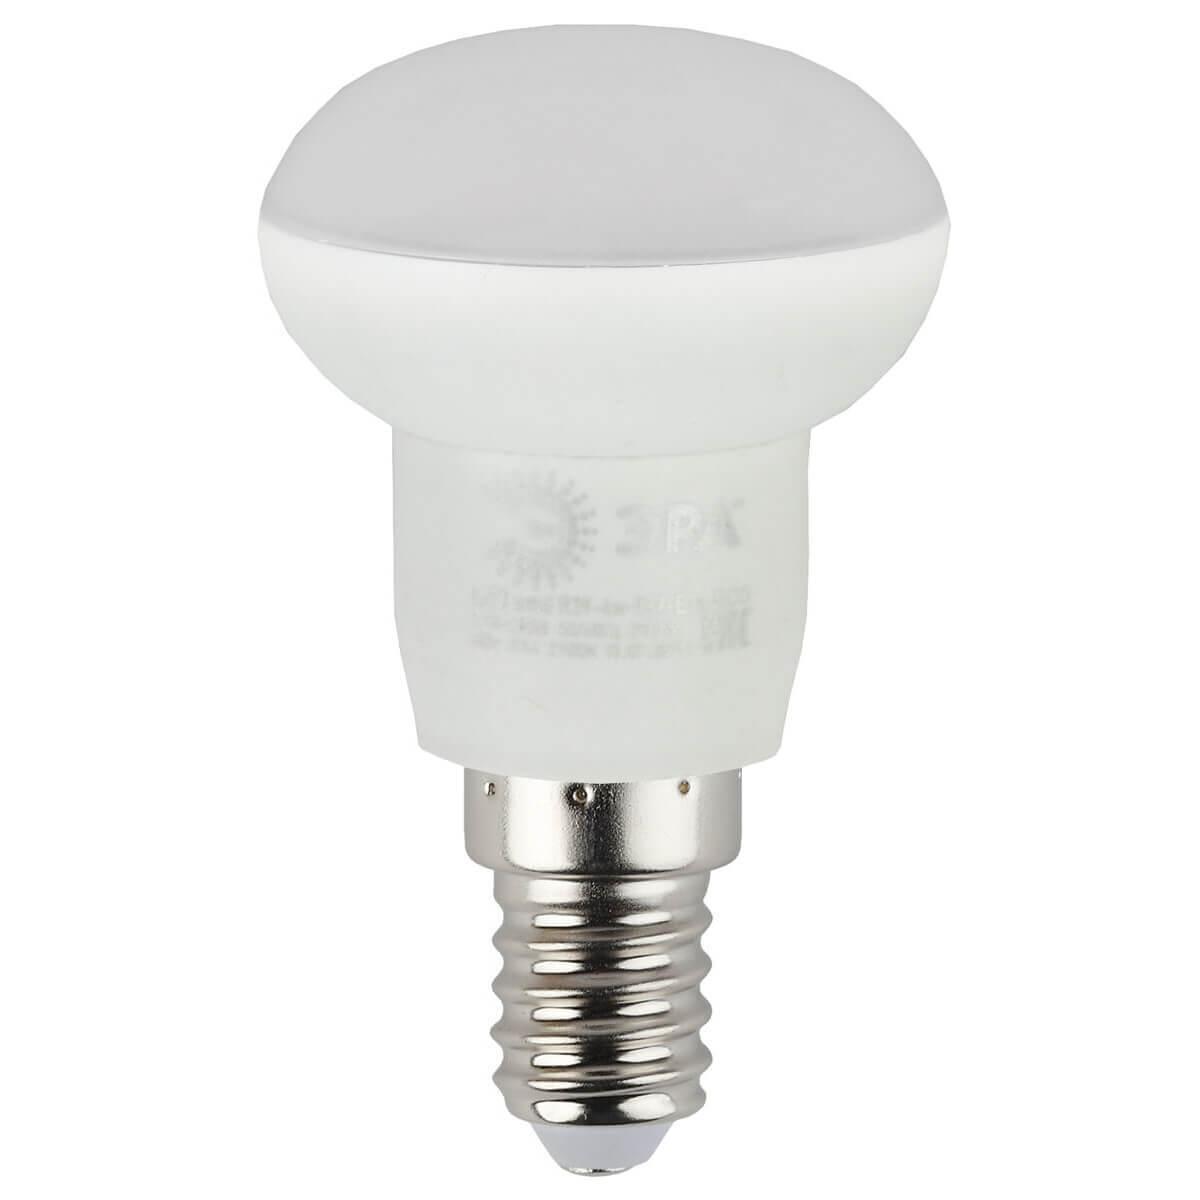 Лампа светодиодная ЭРА E14 4W 2700K рефлектор матовая ECO LED R39-4W-827-E14 лампочка iteria шар хрустальный 4w 2700k e14 804013